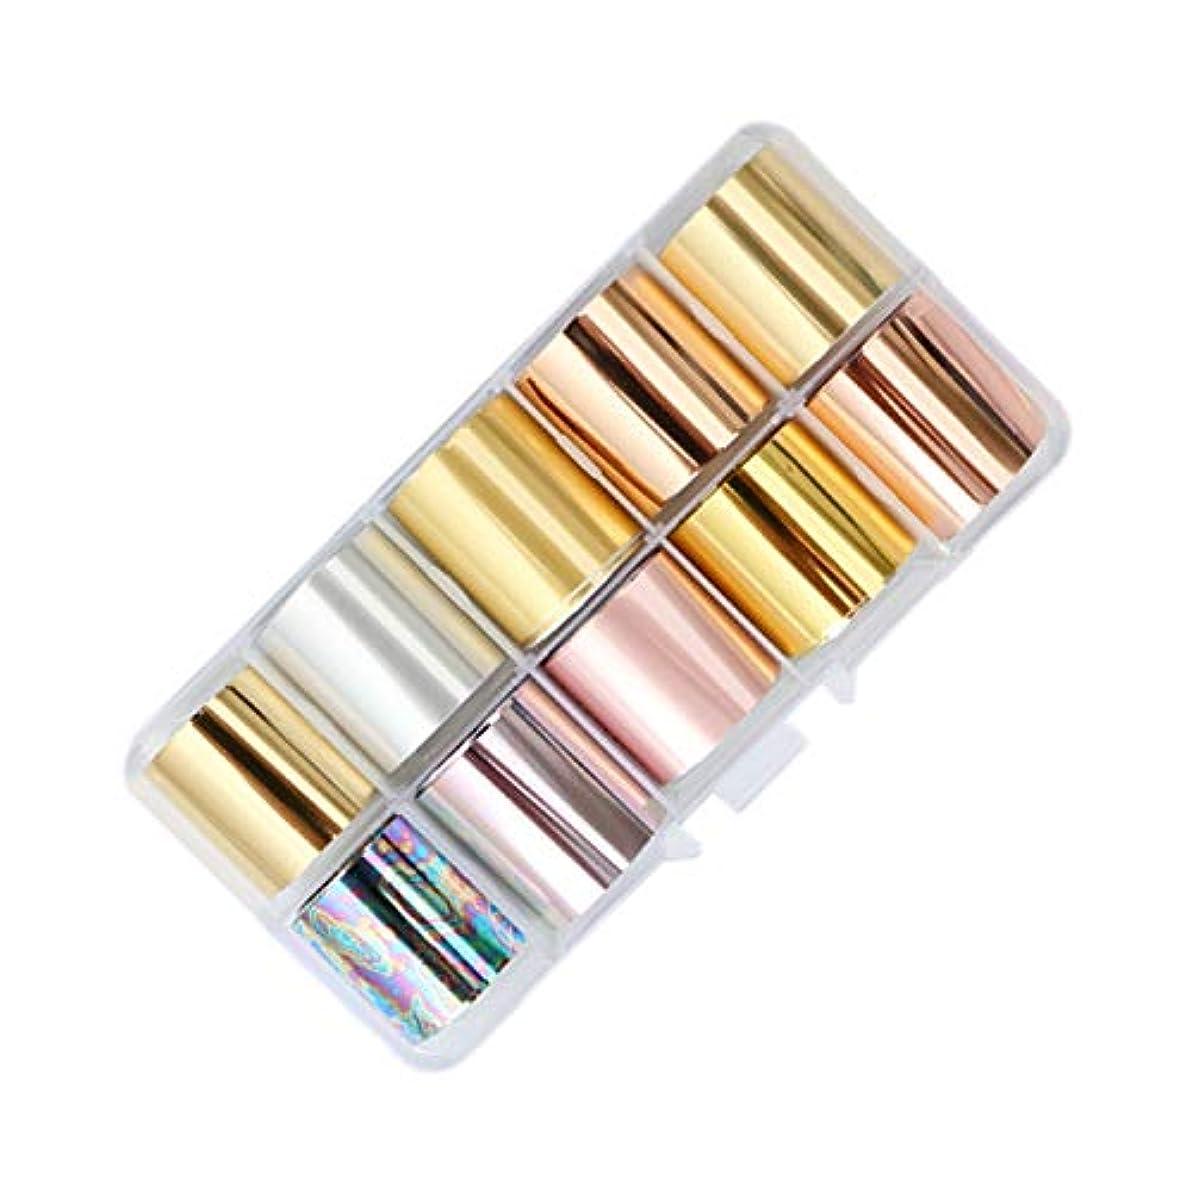 認可動かす投資するLALONA ネイルホイル (ミラー&マット系10個セット) ジェルネイル ネイルアート ホログラム 金箔